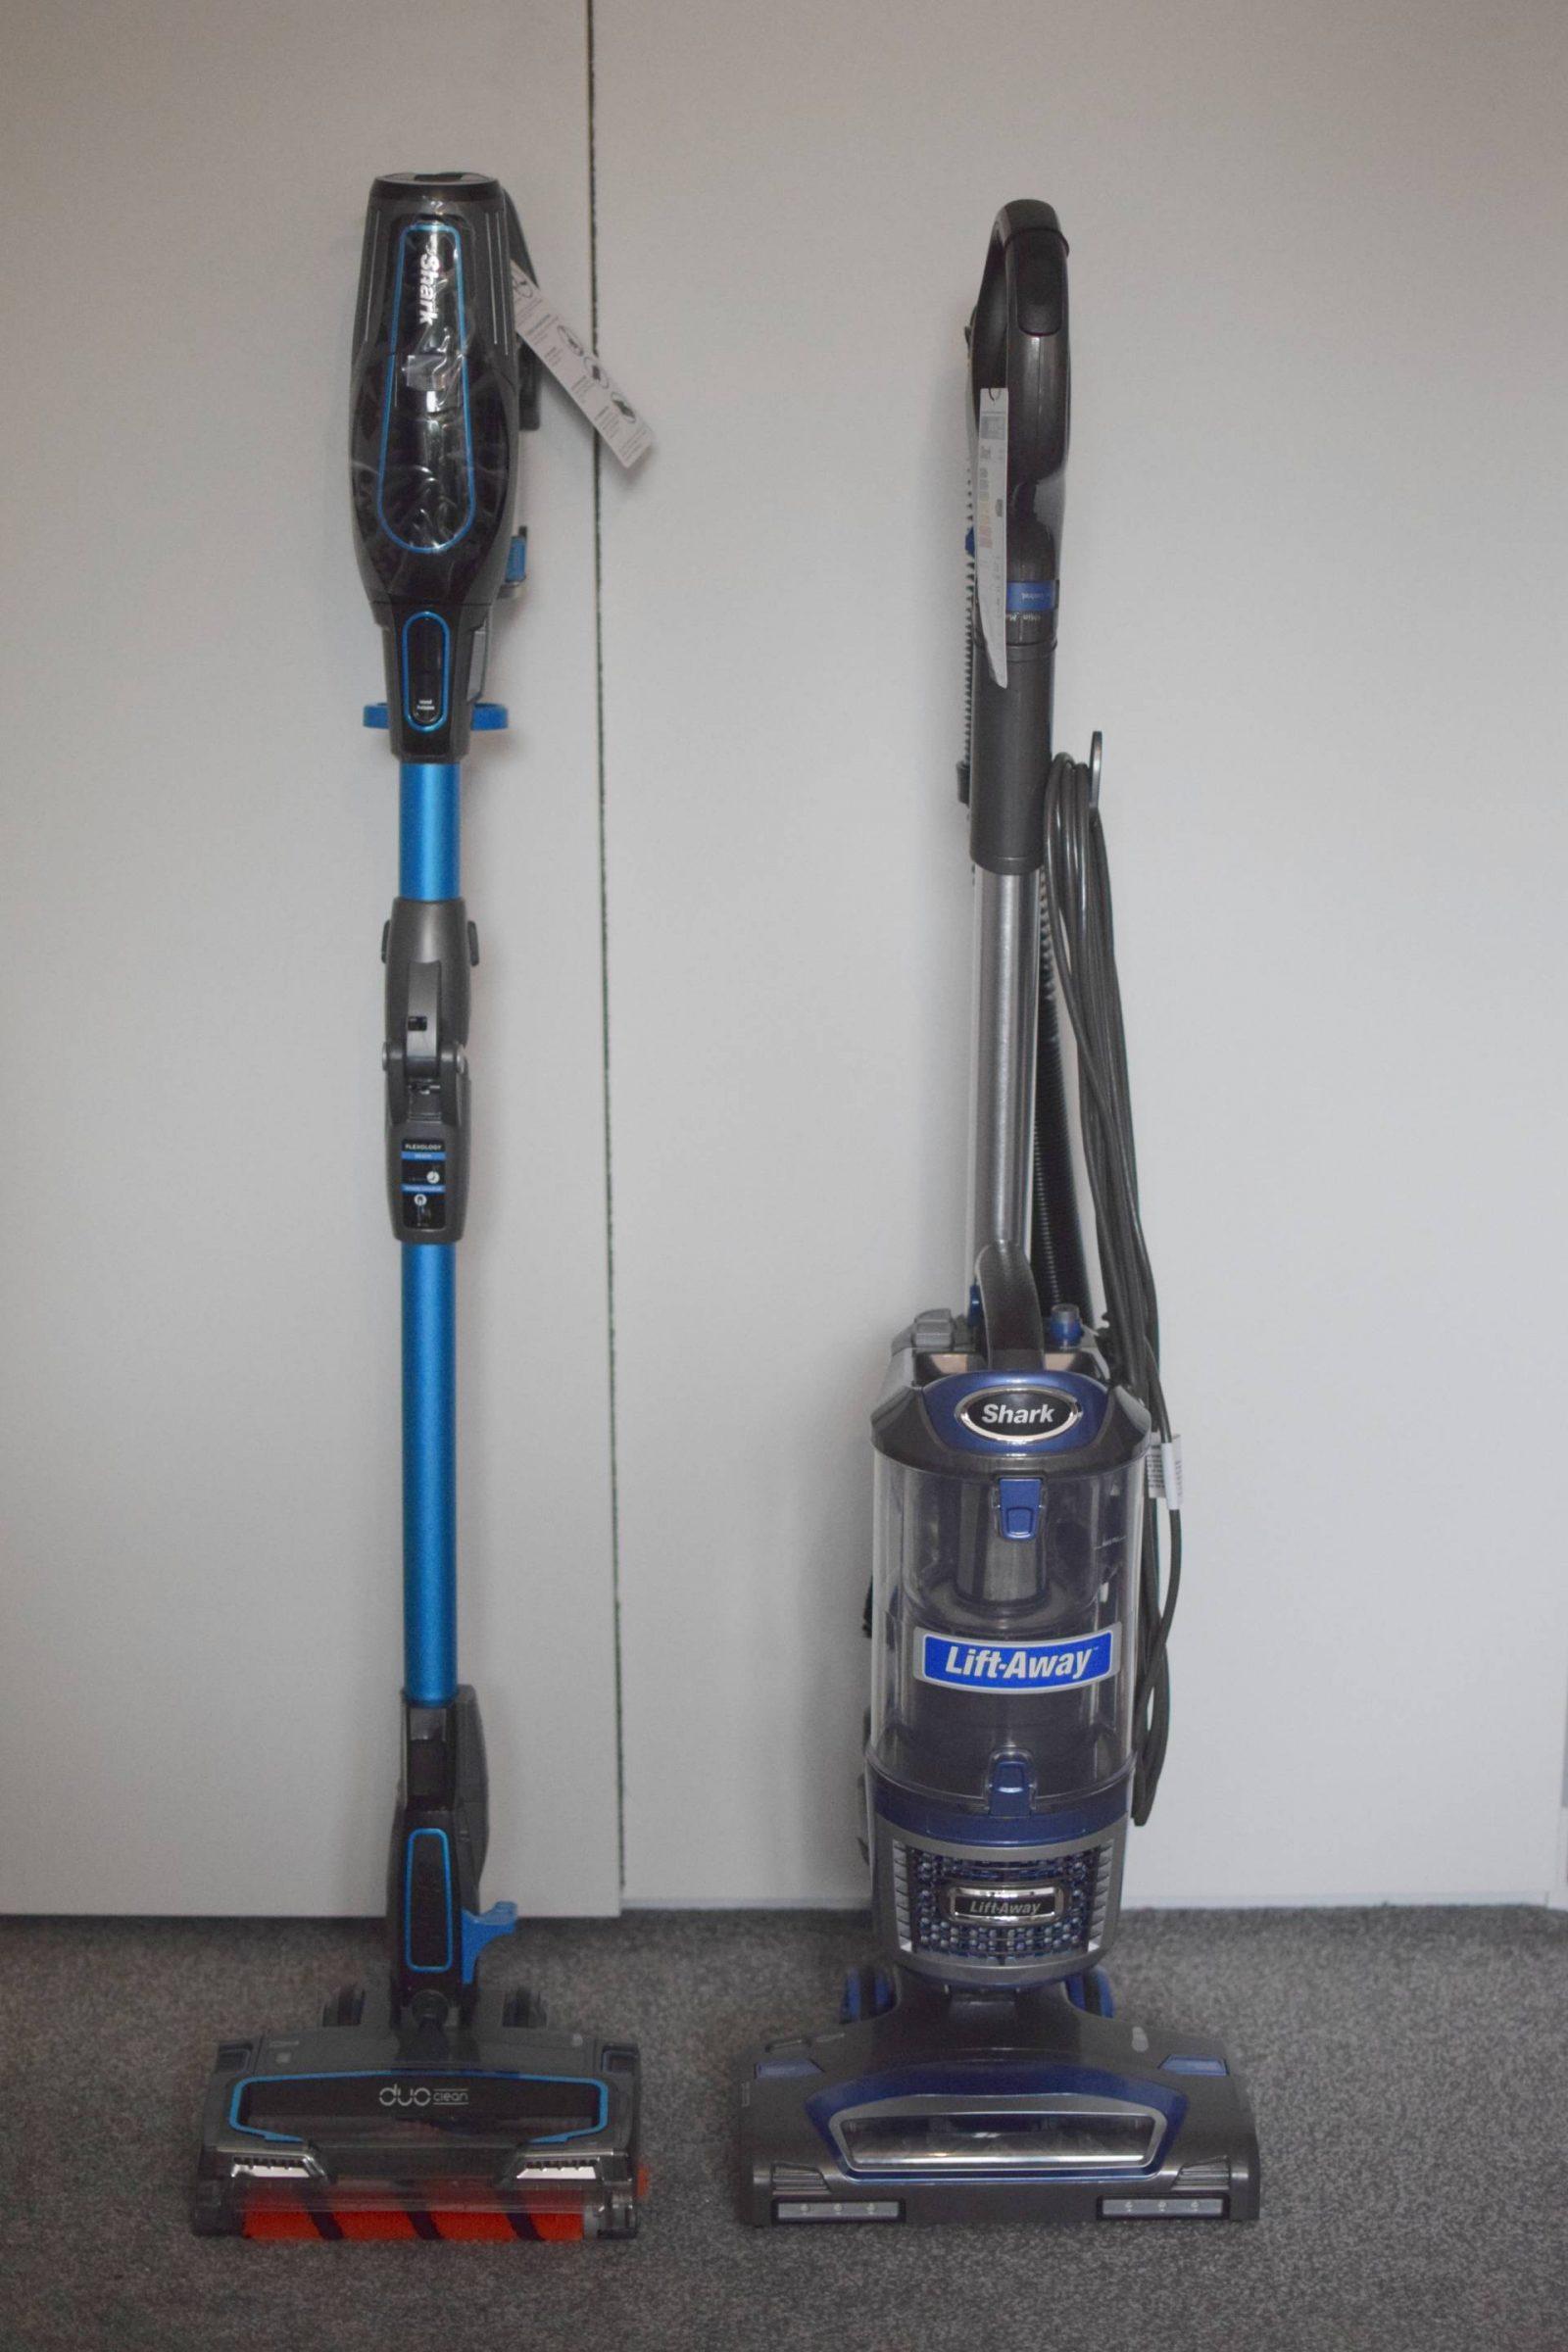 shark nv601if200uk bagless upright vacuum cleaner and. Black Bedroom Furniture Sets. Home Design Ideas